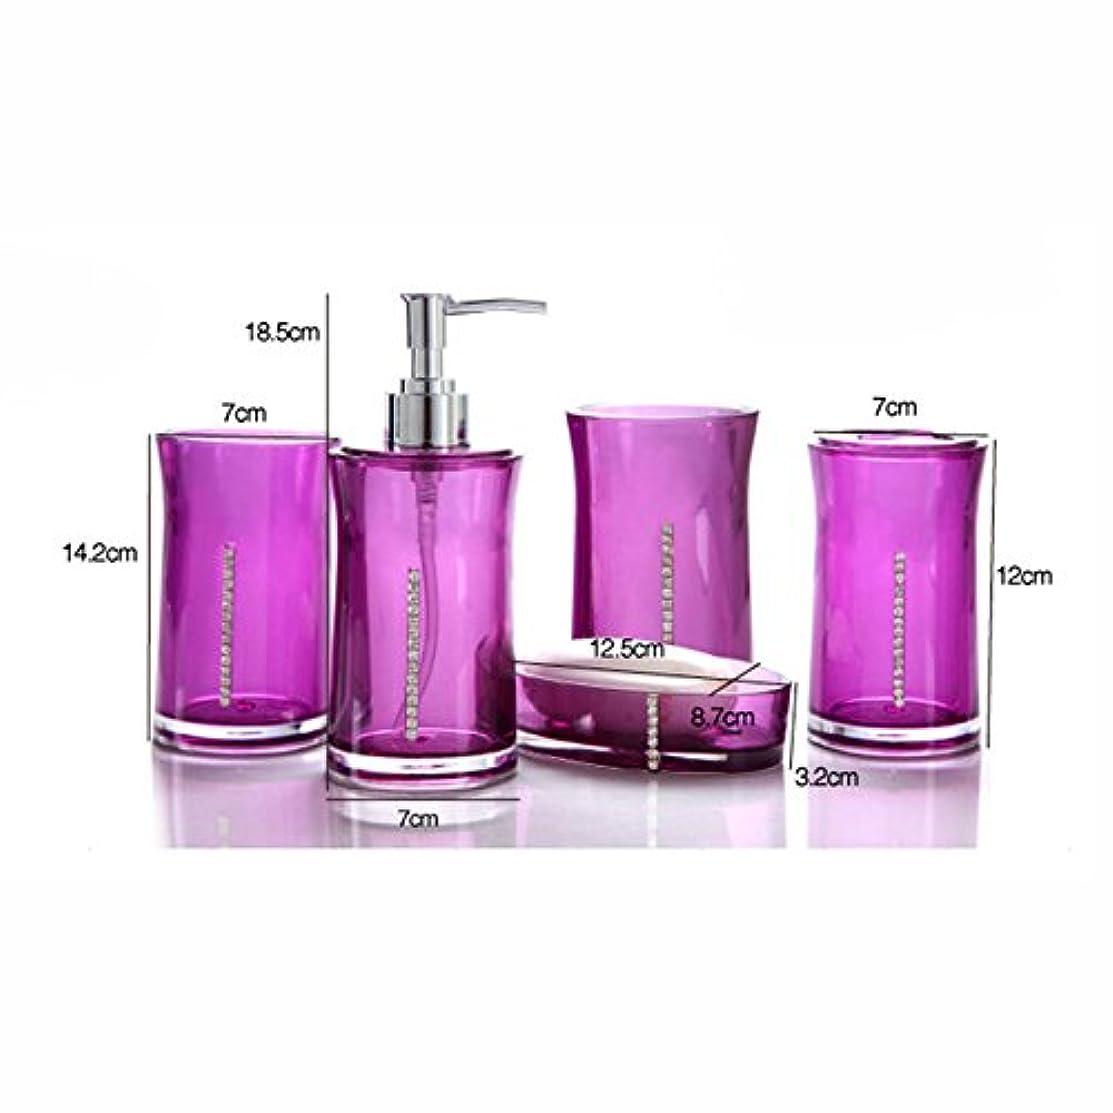 リマーク減る扇動するxlp シャワージェルアクリルボトル、キッチンバス用シャンプー液体石鹸ディスペンサーボトル (紫)